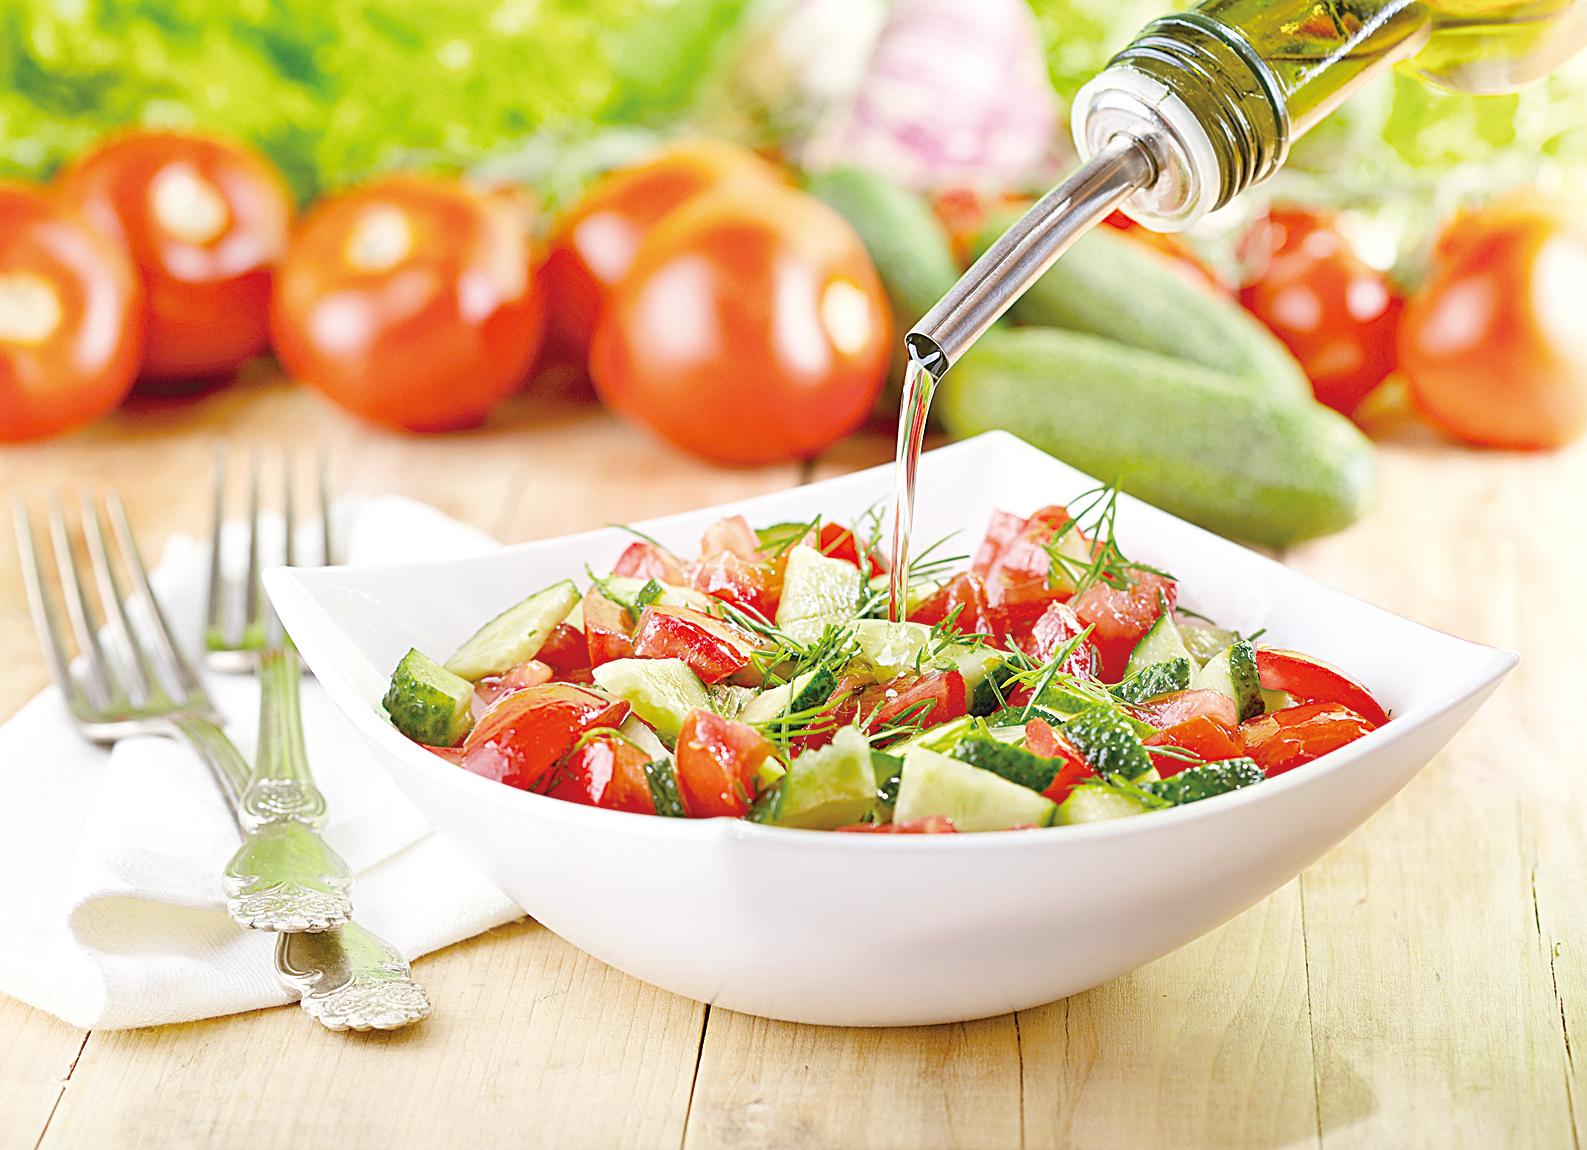 將你習慣使用的油類換成橄欖油。